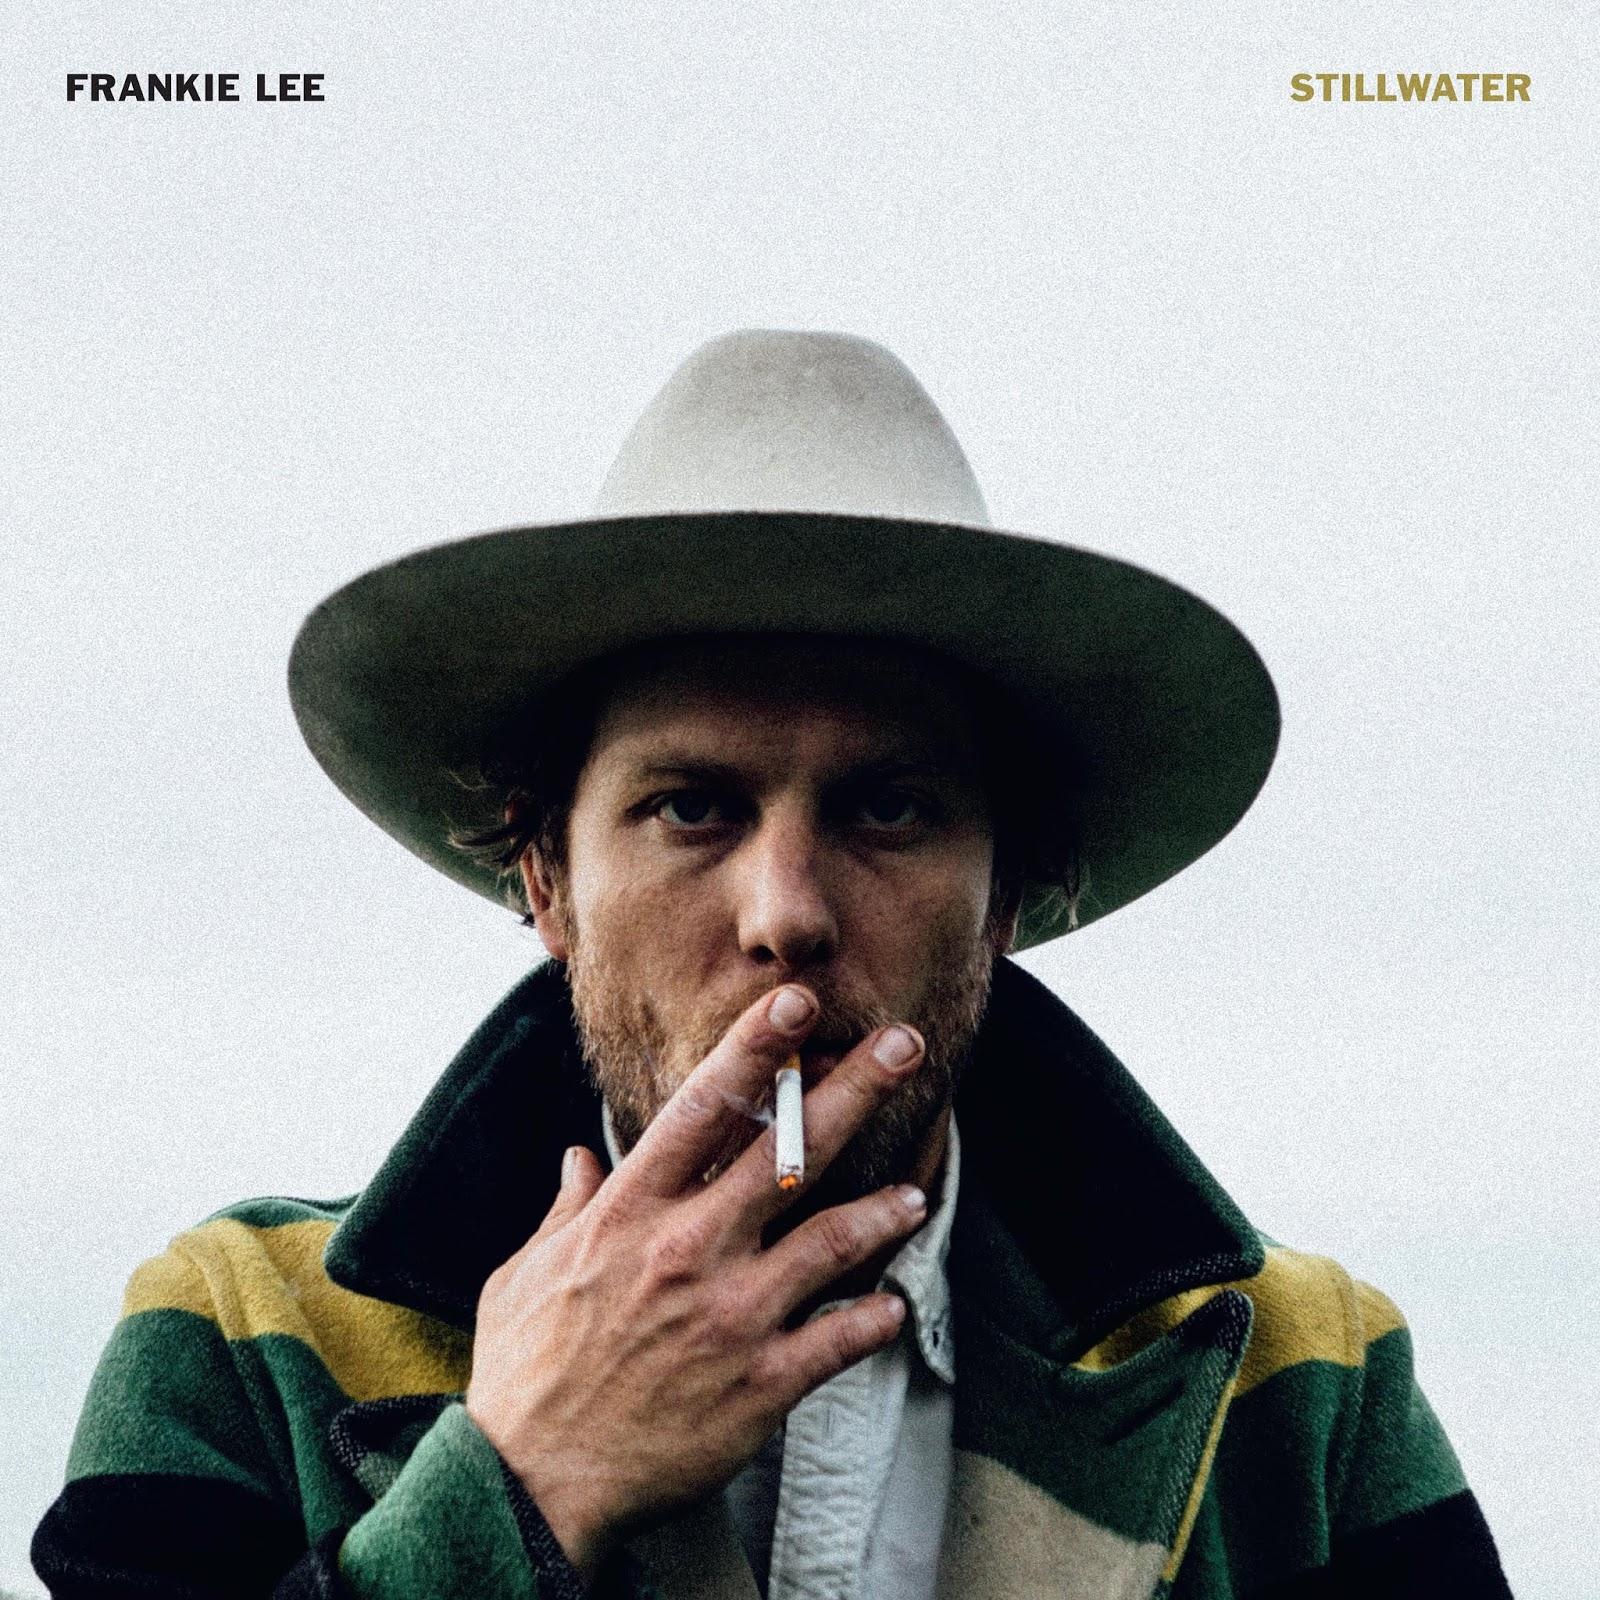 Resultado de imagen de Frankie Lee - Stillwater